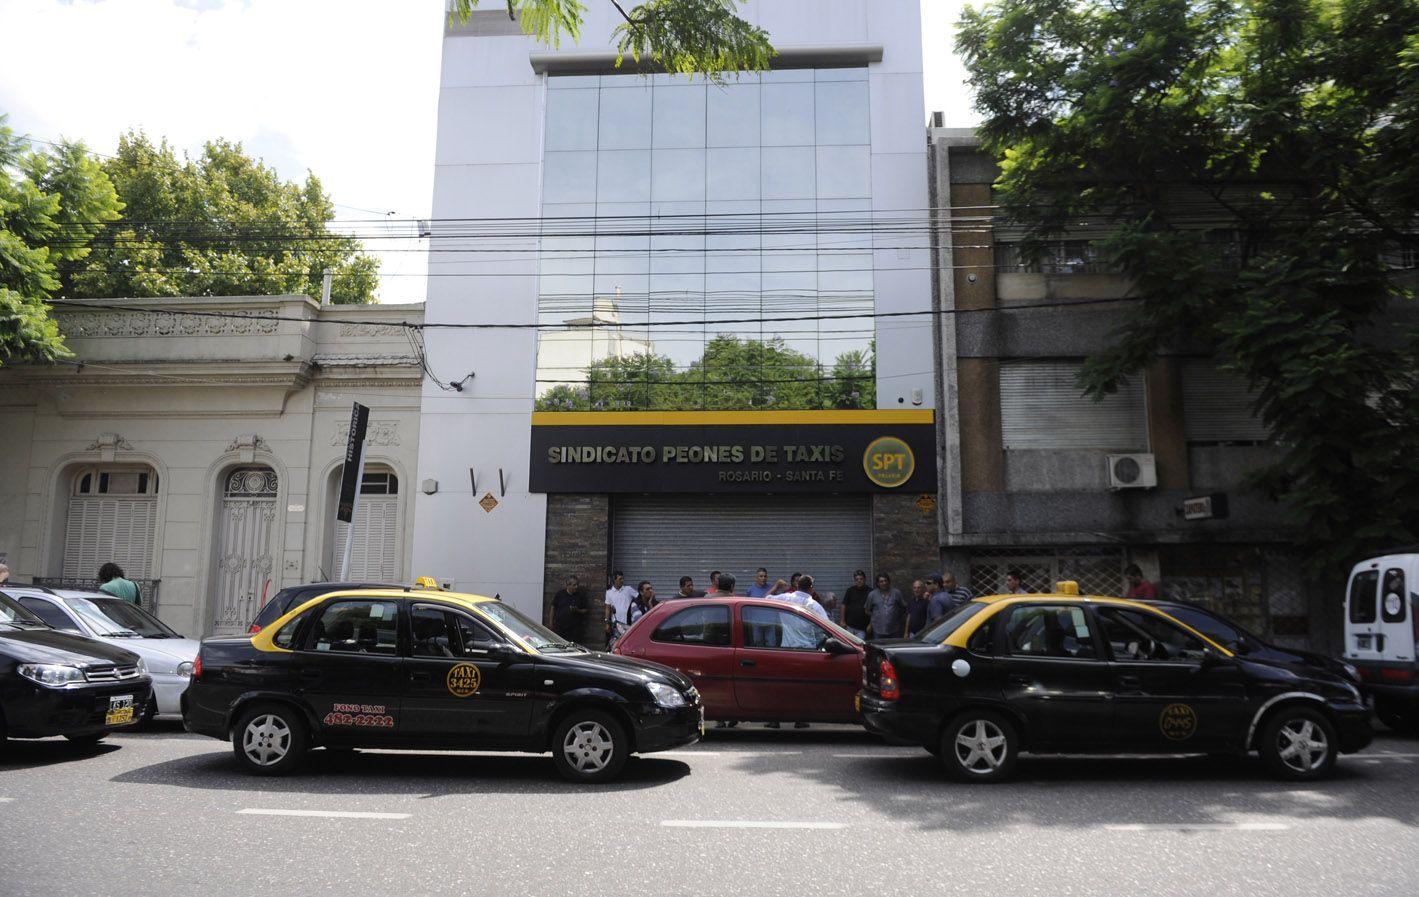 Taxistas reclaman la suba.